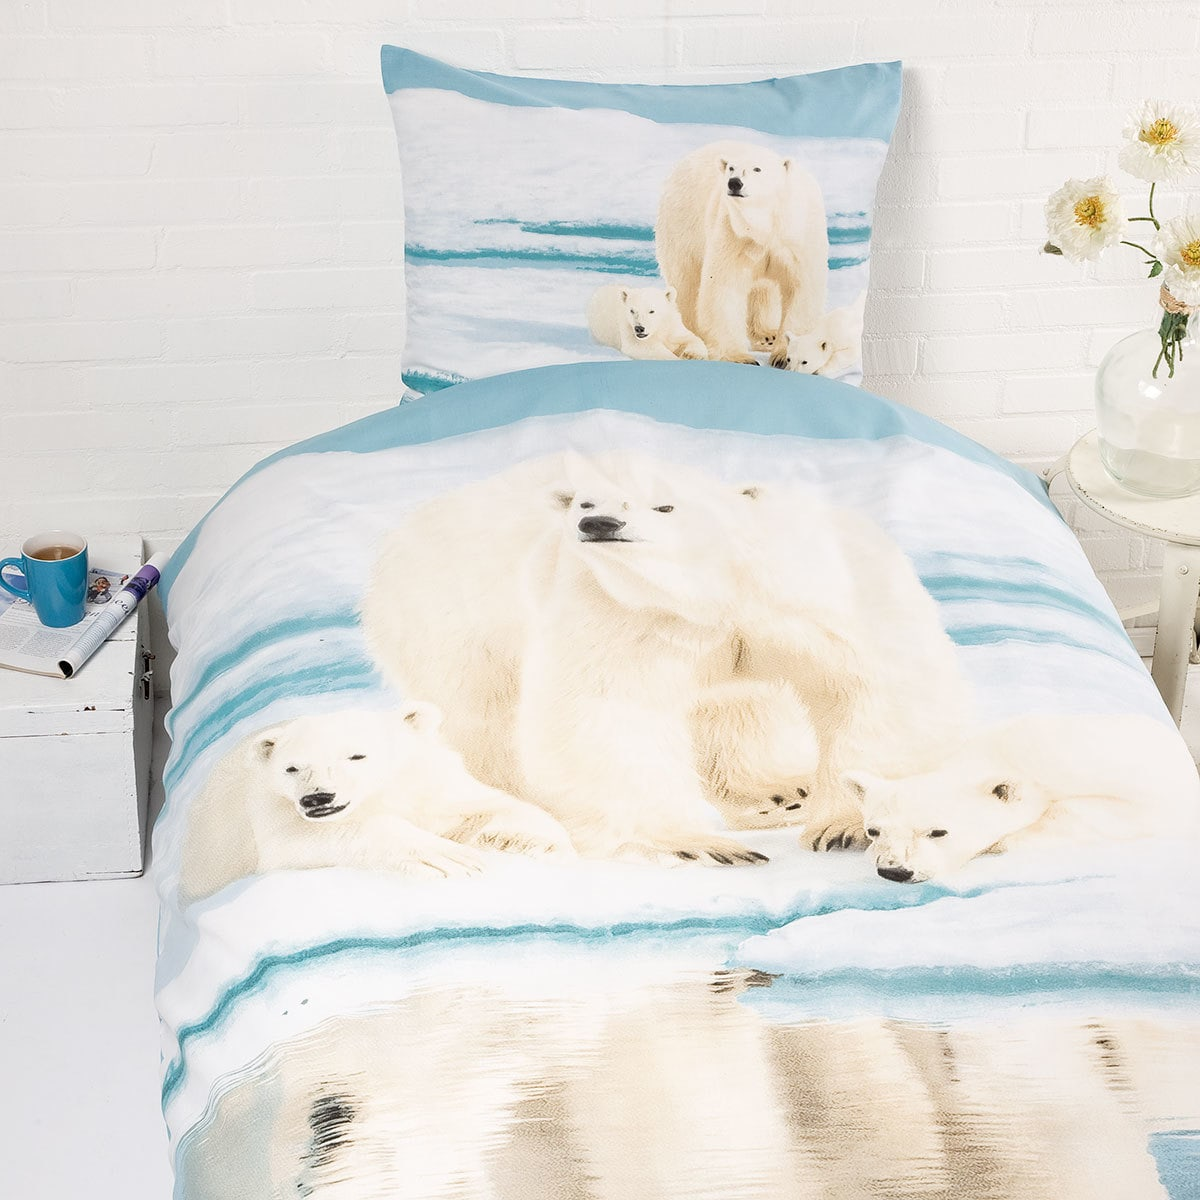 Traumschlaf Renforcé Bettwäsche Eisbär